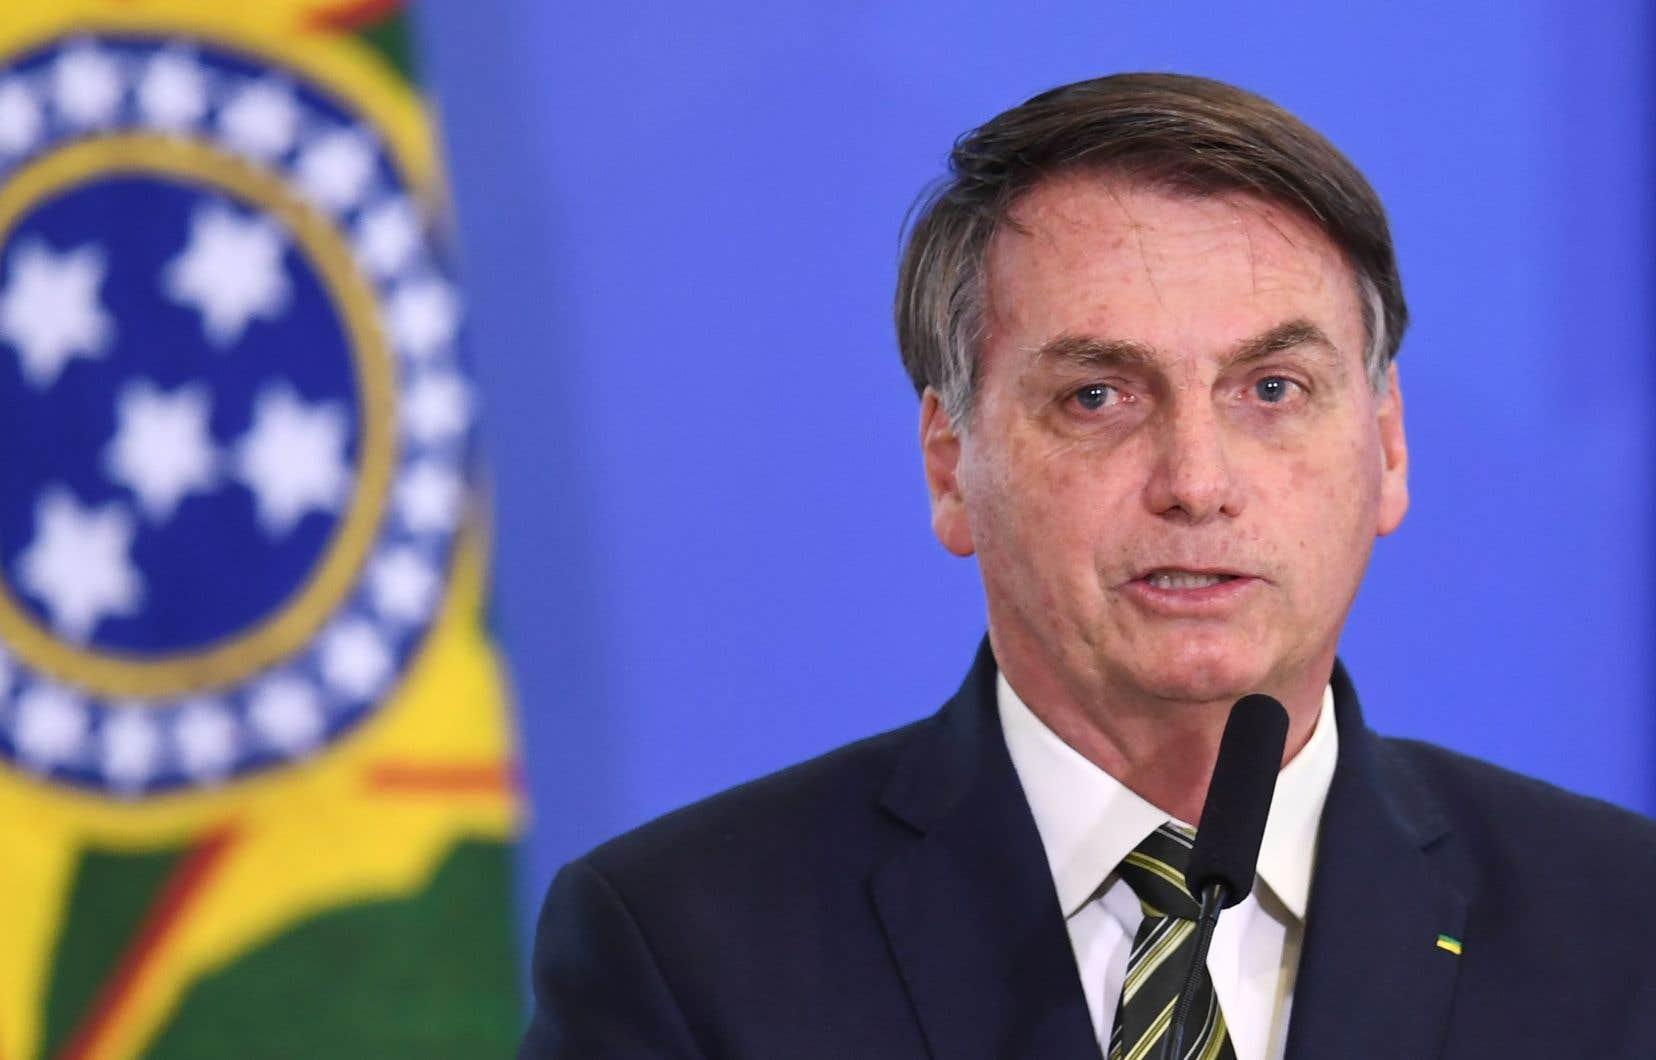 Les appuis du président brésilien Jair Bolsonaro s'effritent depuis qu'il a limogé son ministre de la Santé en pleine pandémie, le populaire Luis Henrique, pour le remplacer par un ami, l'oncologue Nelson Teich.